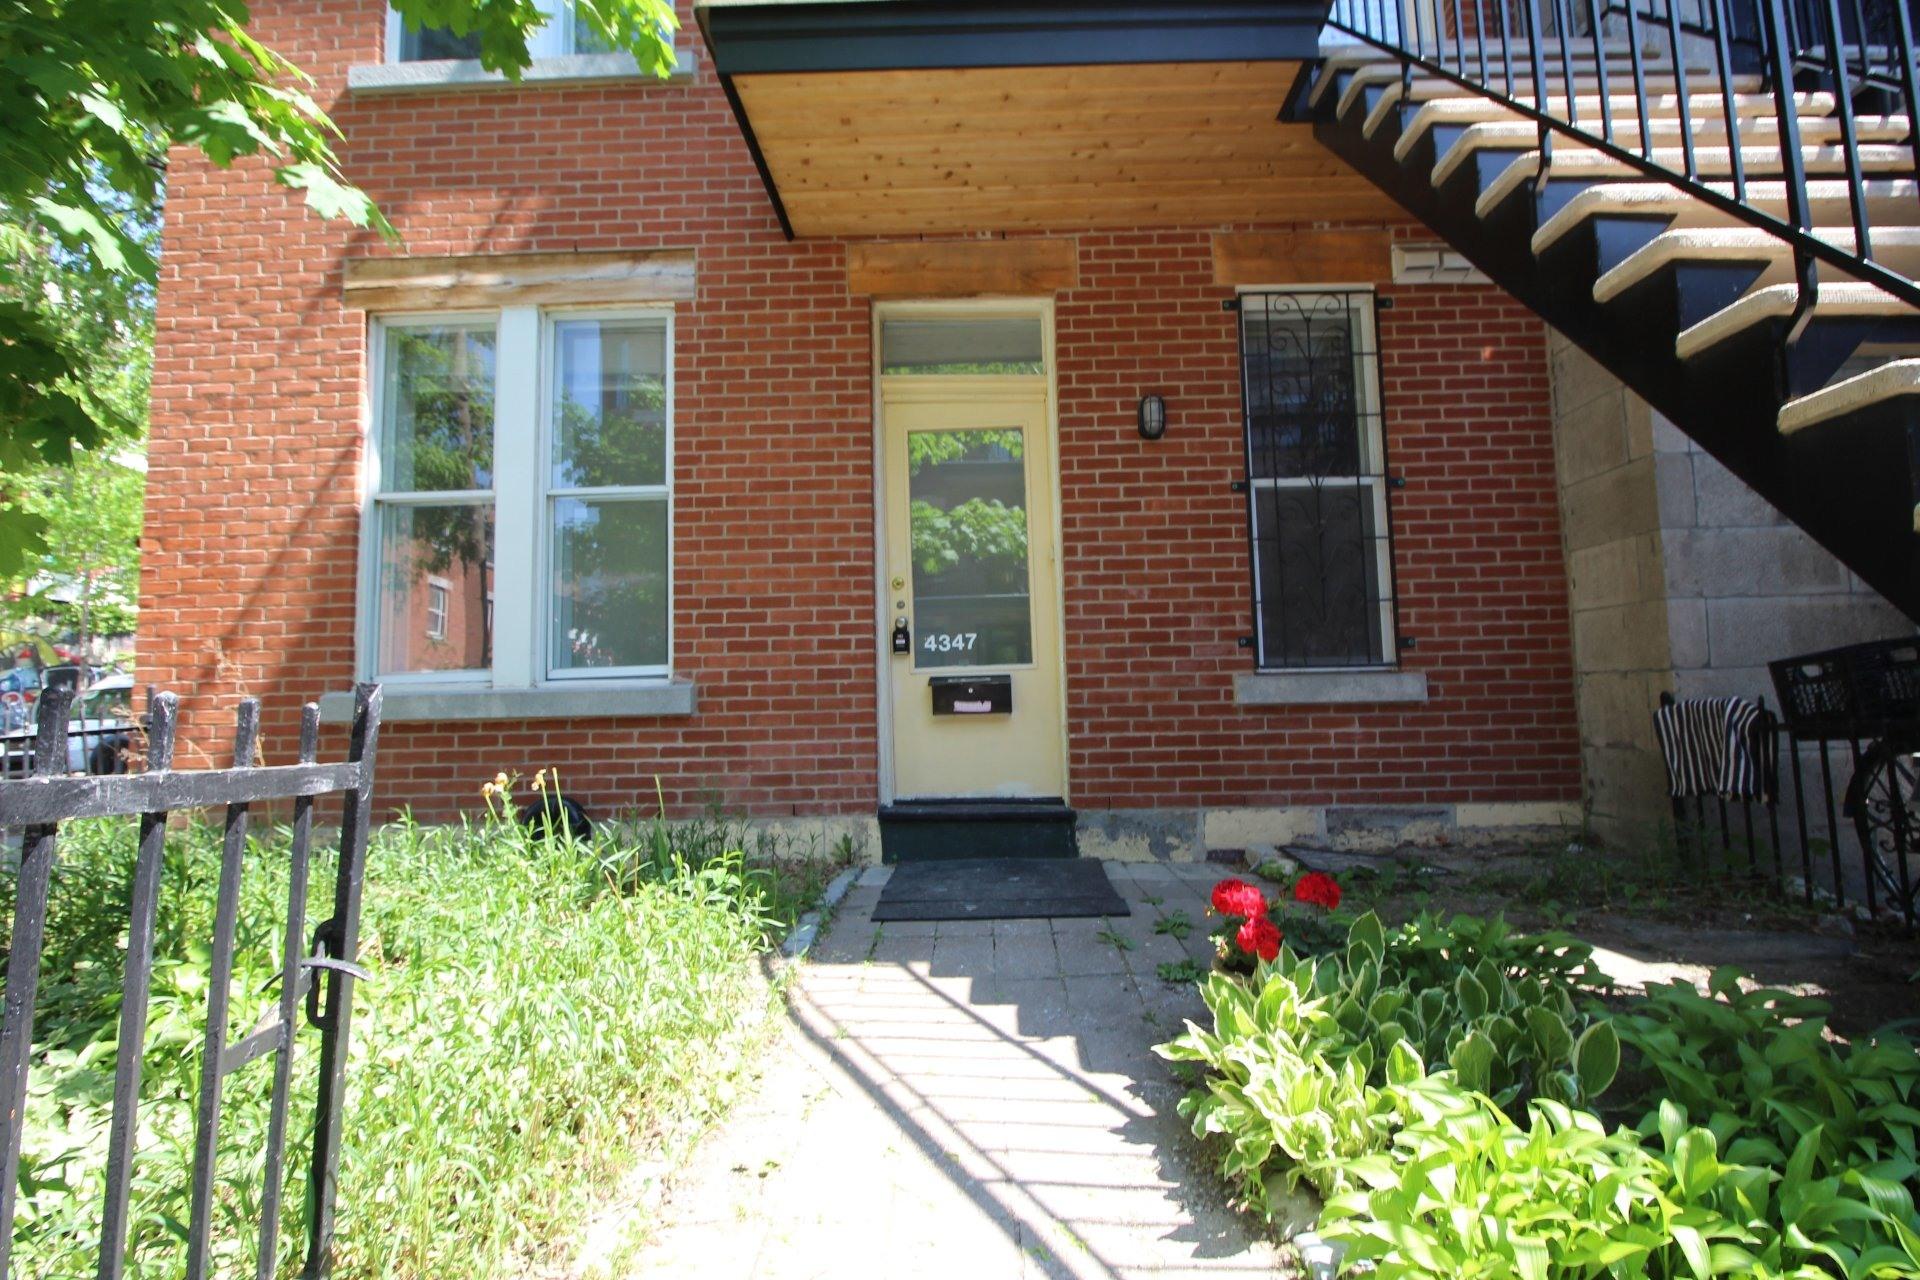 image 21 - Appartement À vendre Le Plateau-Mont-Royal Montréal  - 5 pièces